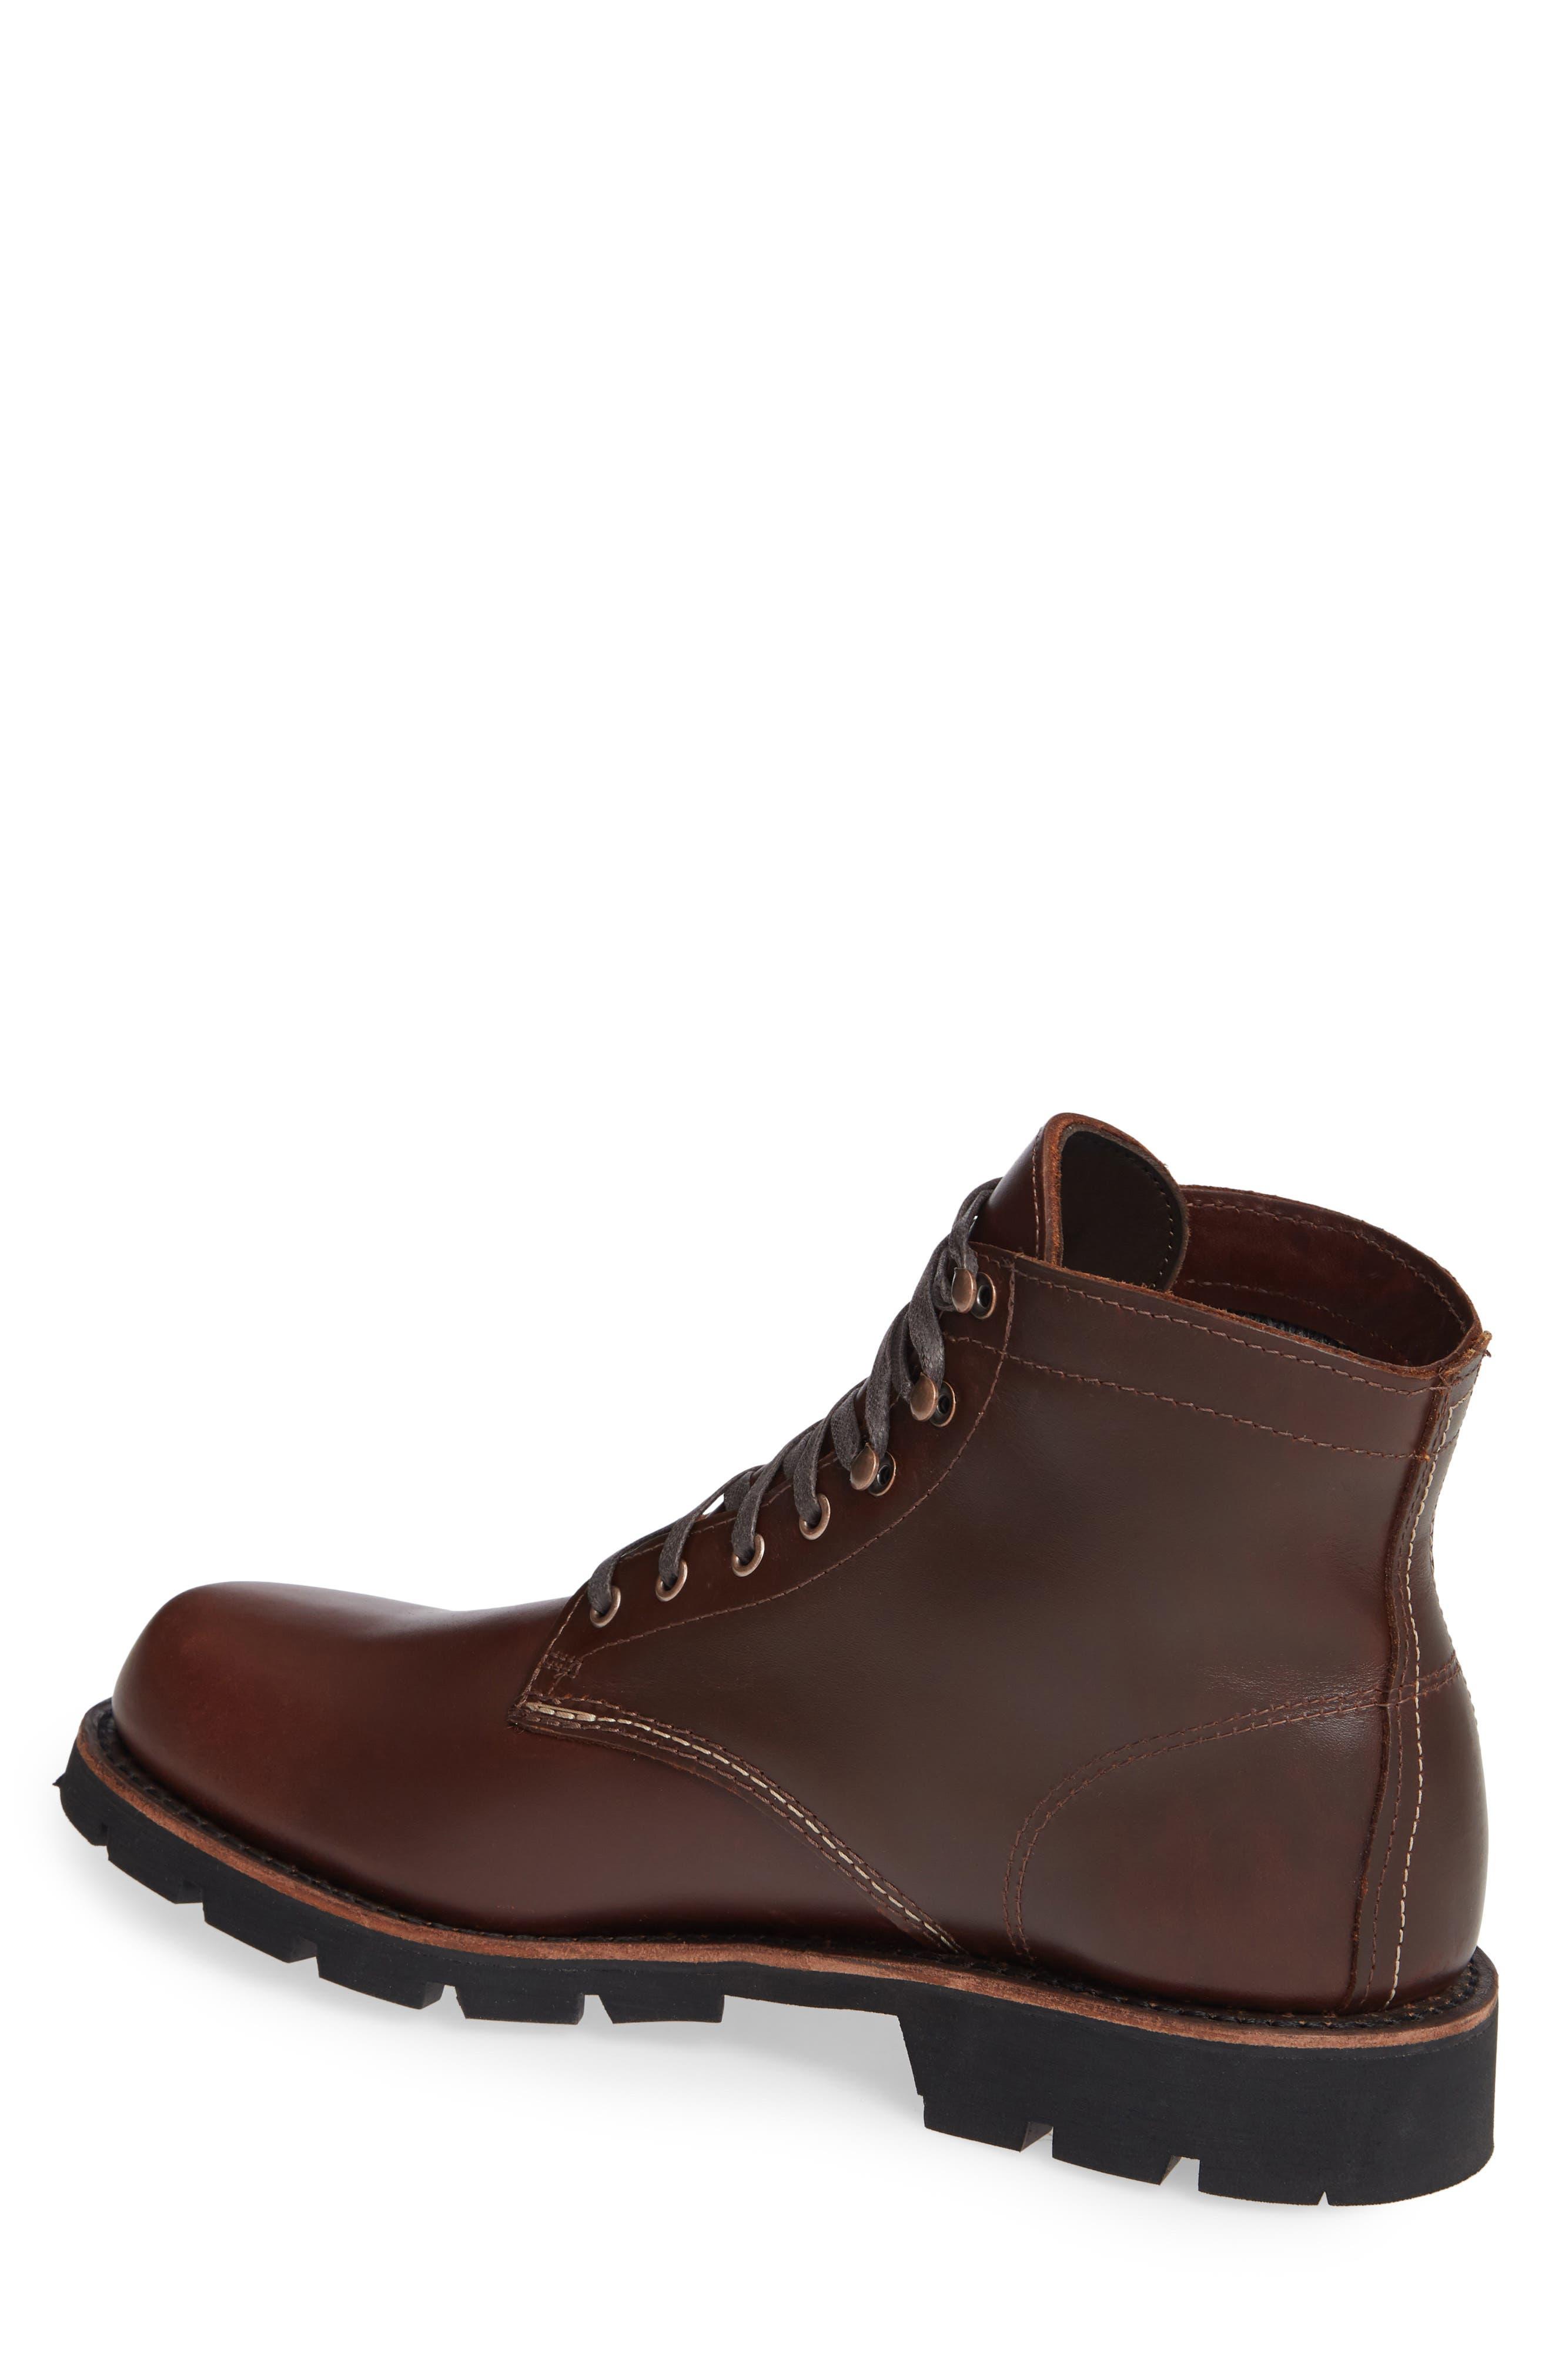 1,000-Mile Arctic Waterproof Plain Toe Boot,                             Alternate thumbnail 2, color,                             BROWN